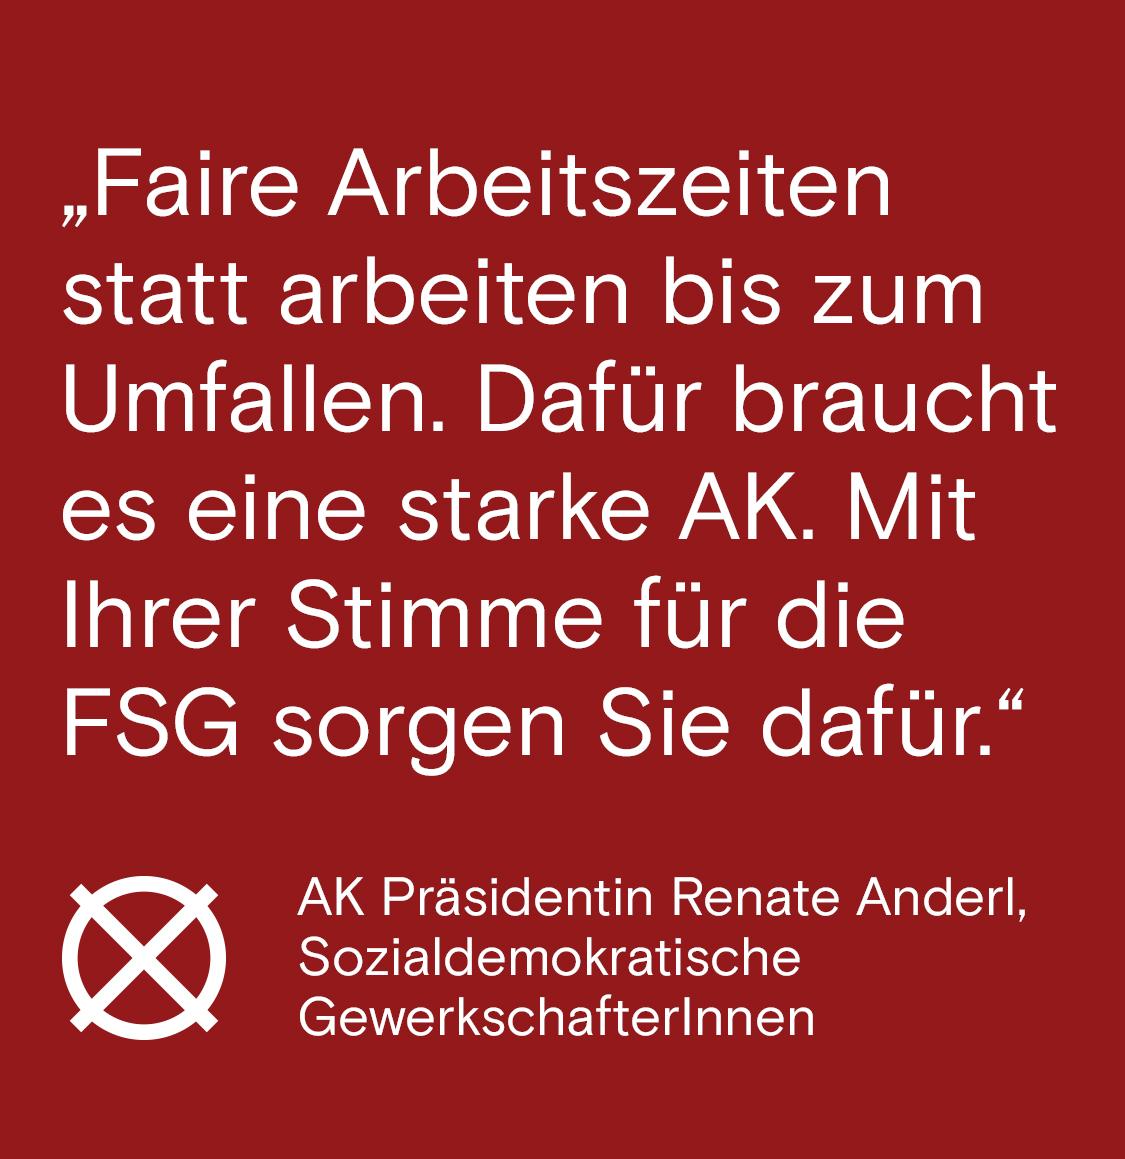 Faire Arbeitszeiten statt arbeiten bis zum Umfallen. Dafür braucht es eine starke AK. Mit ihrer Stimme für die FSG sorgen Sie dafür. Jetzt FSG AK Wien bei der AK Wien Wahl 2019.